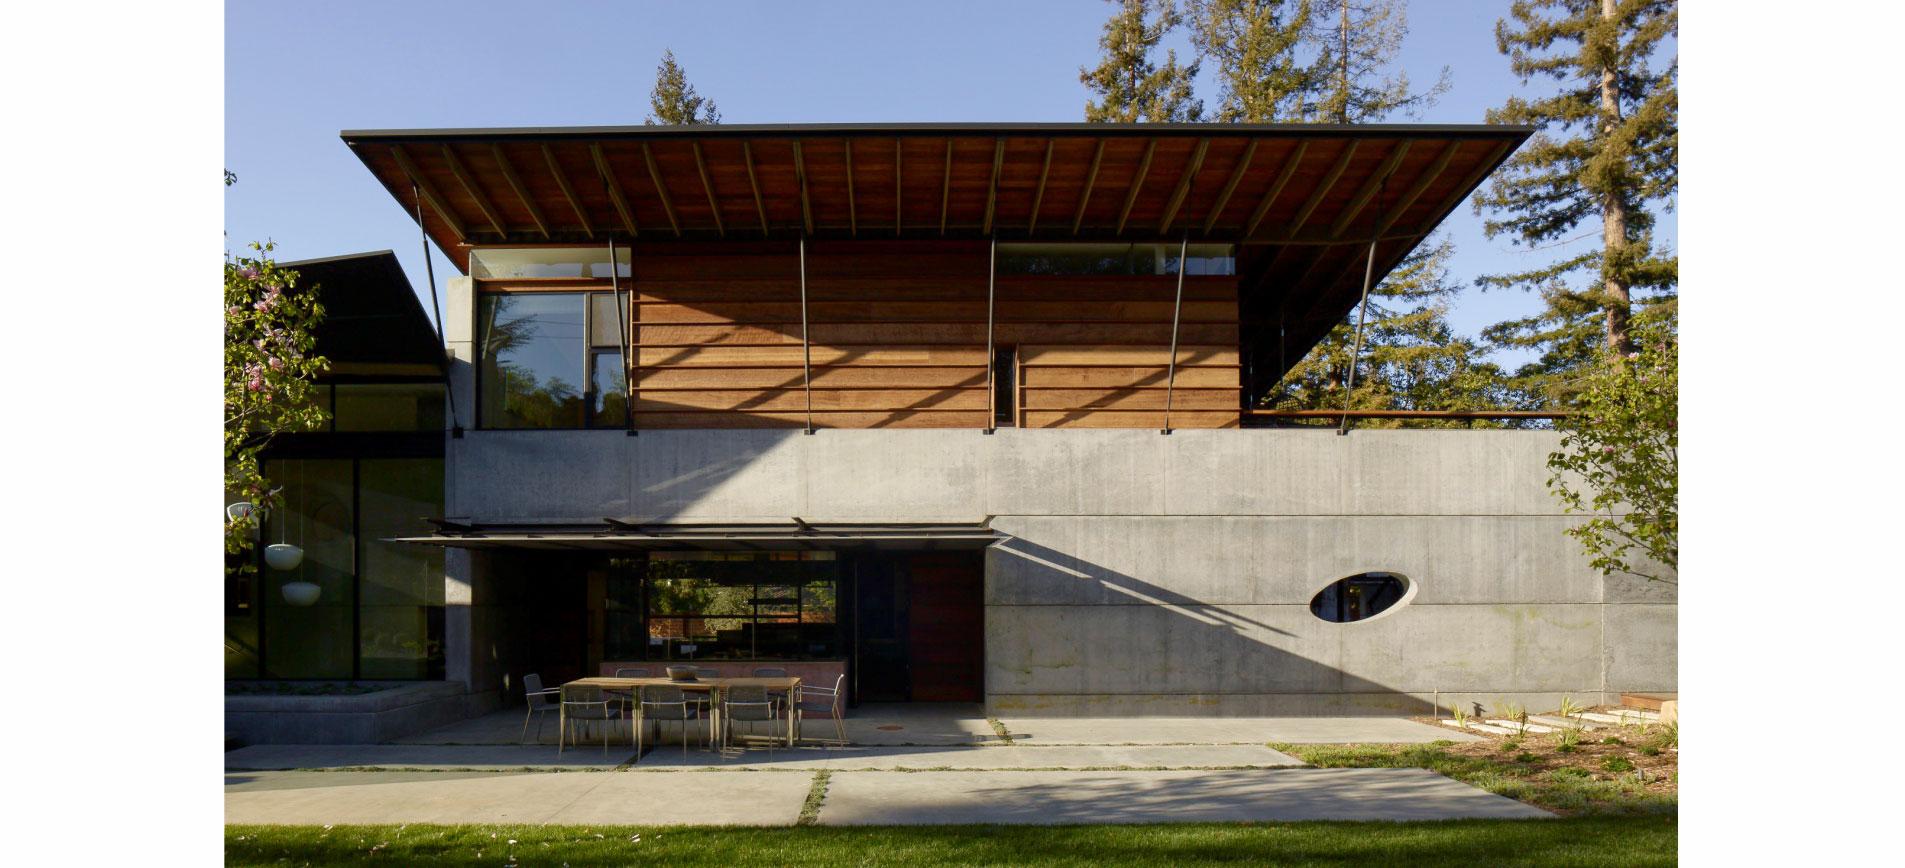 House 7 : Concrete Village House, Los Altos Hills CA